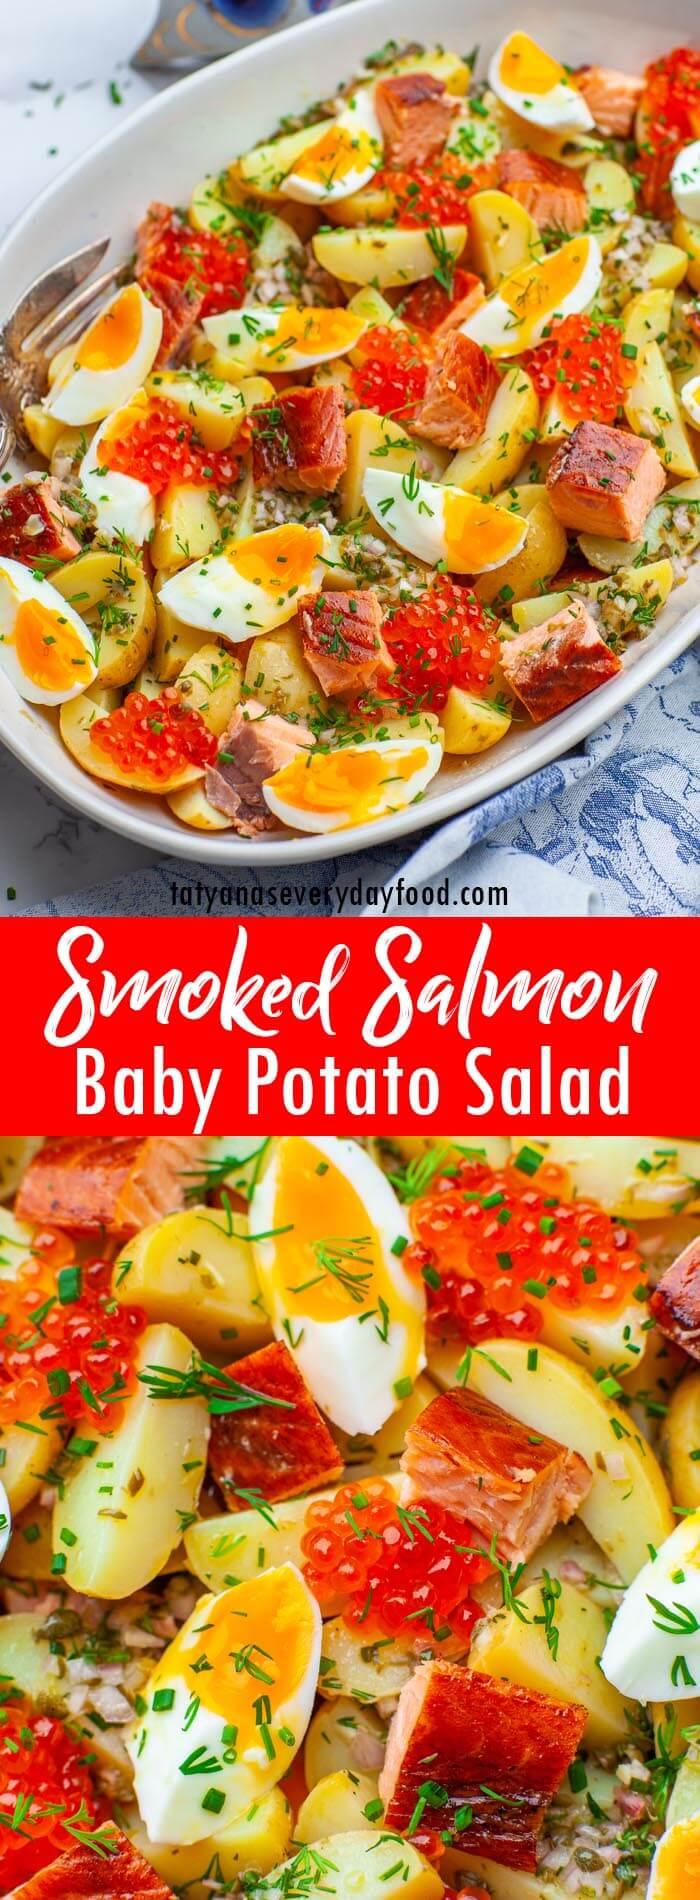 Smoked Salmon Potato Salad video recipe